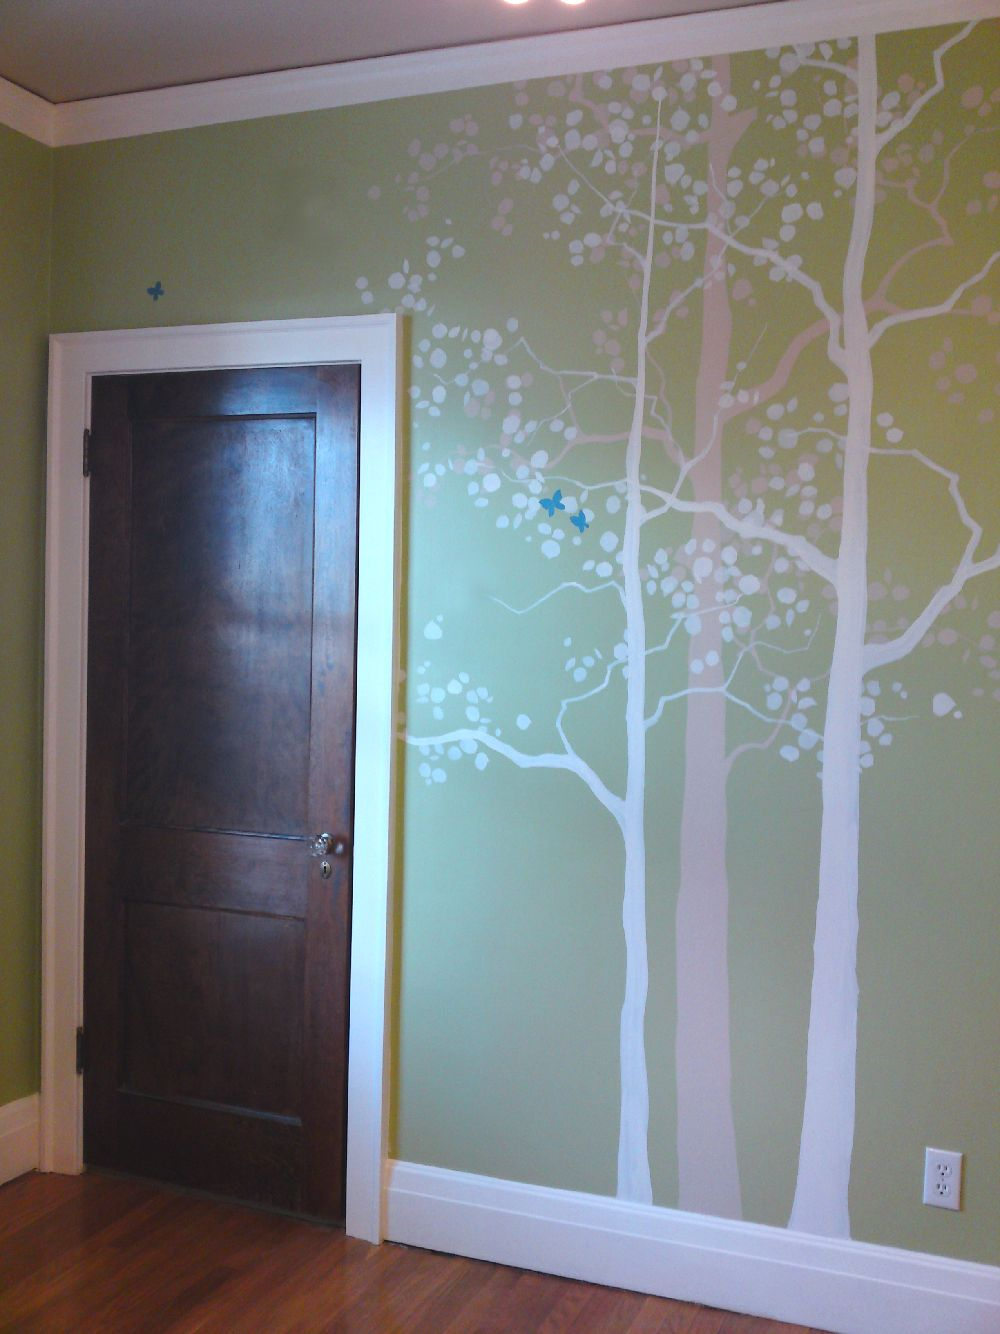 Trees With Closet Door Mural Idea In Denver Co Murals